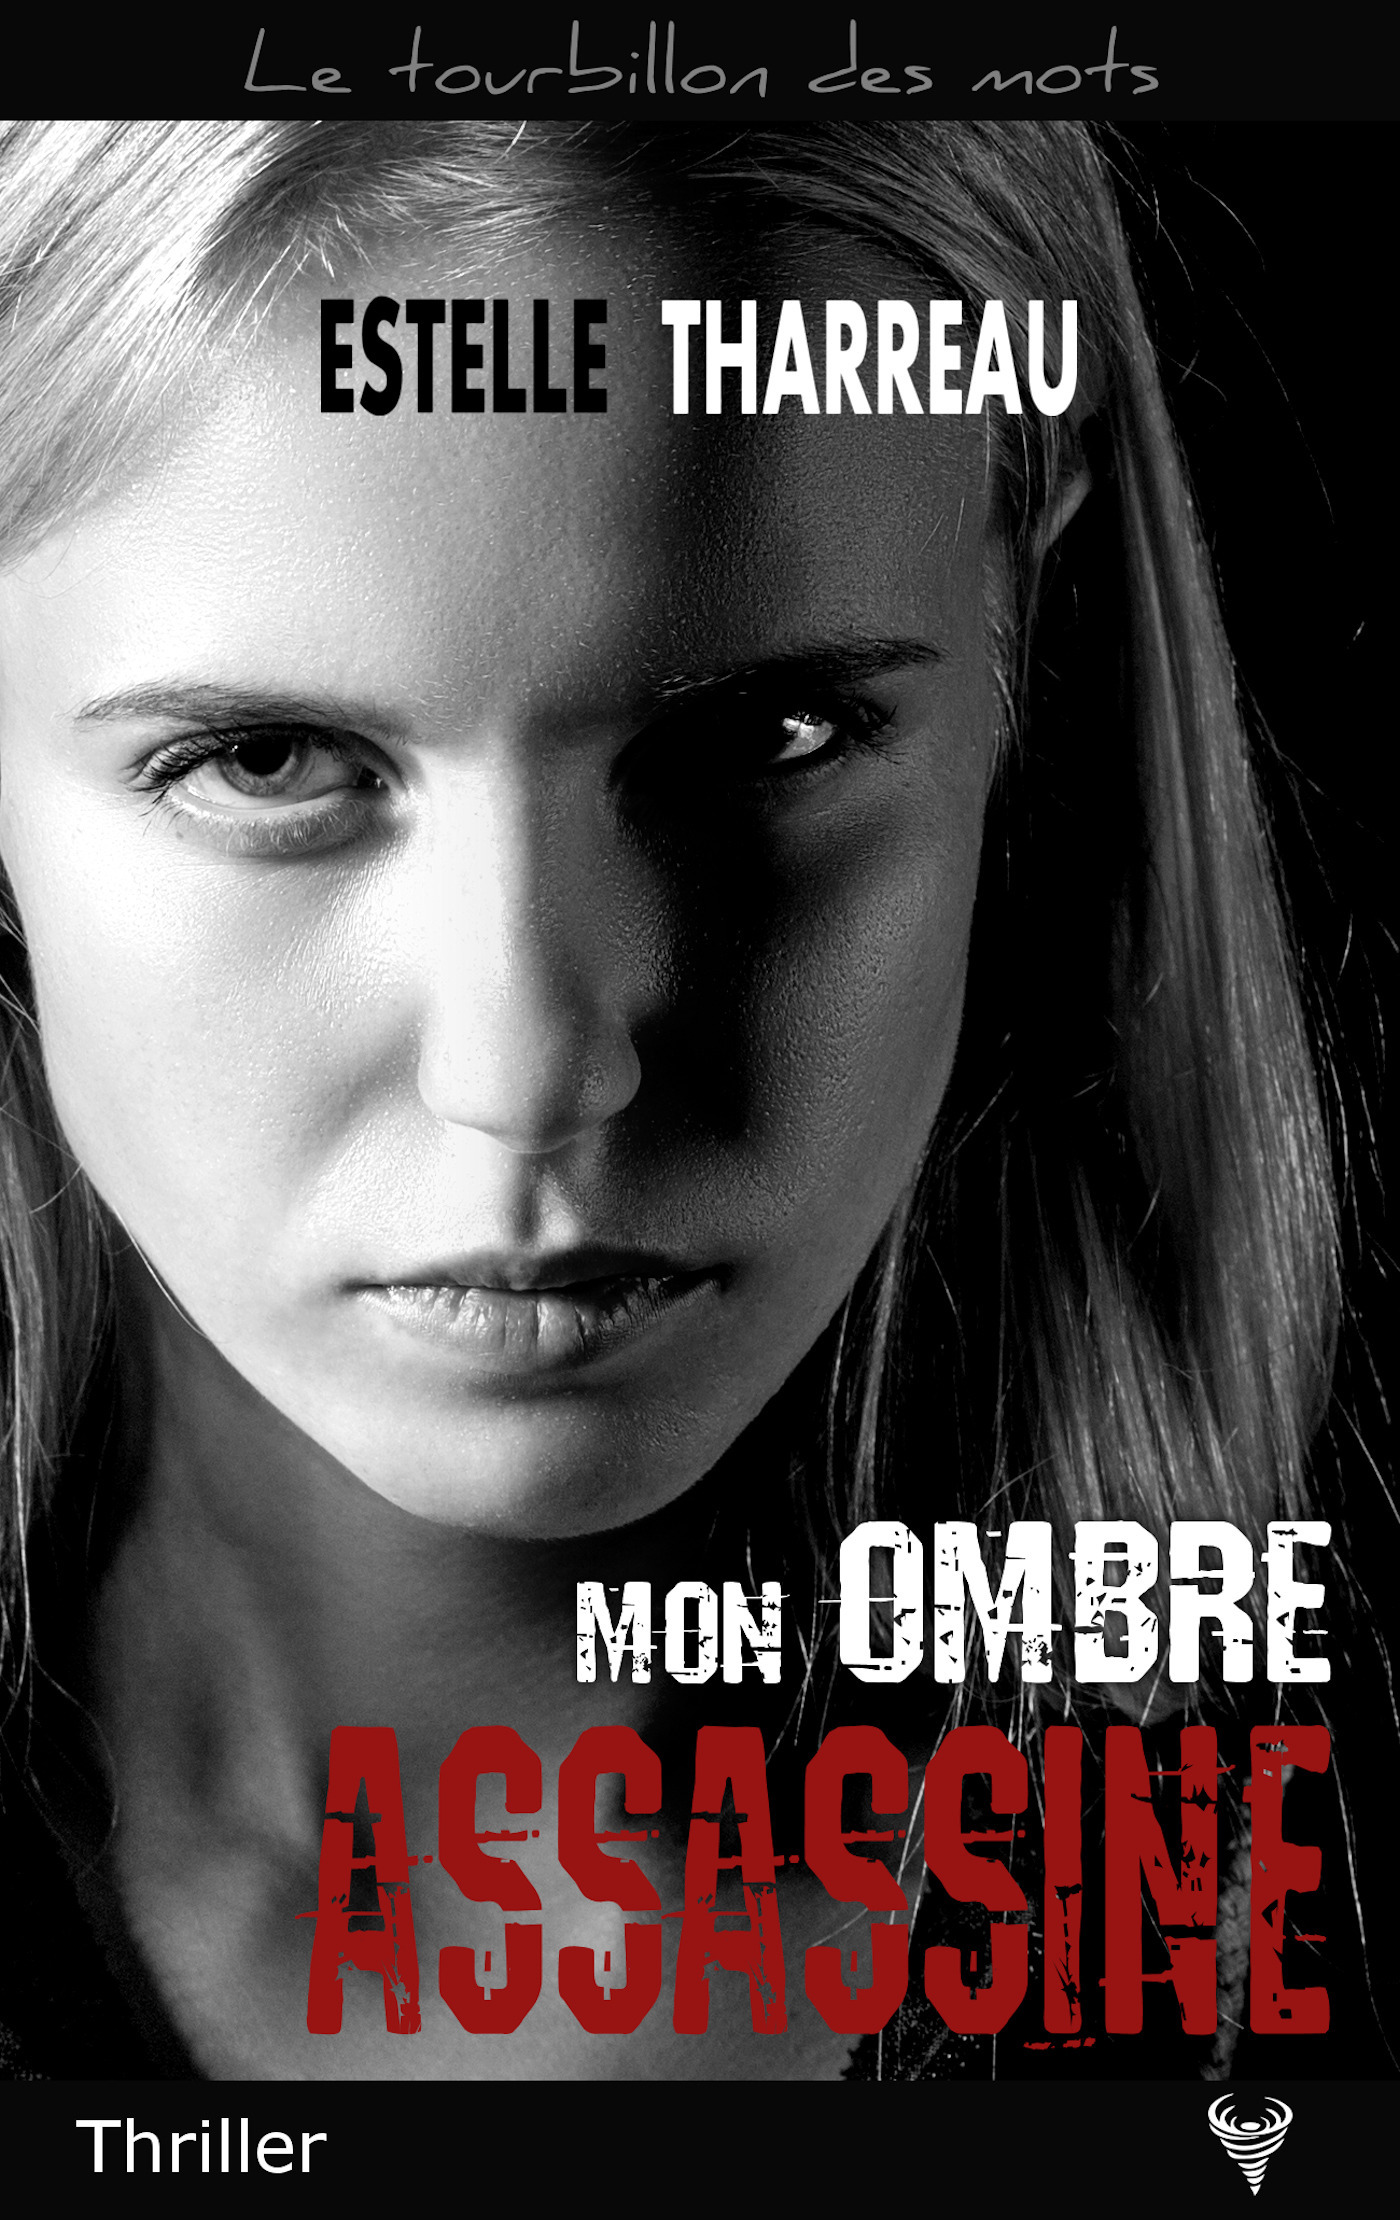 Mon ombre assassine  - Estelle Tharreau